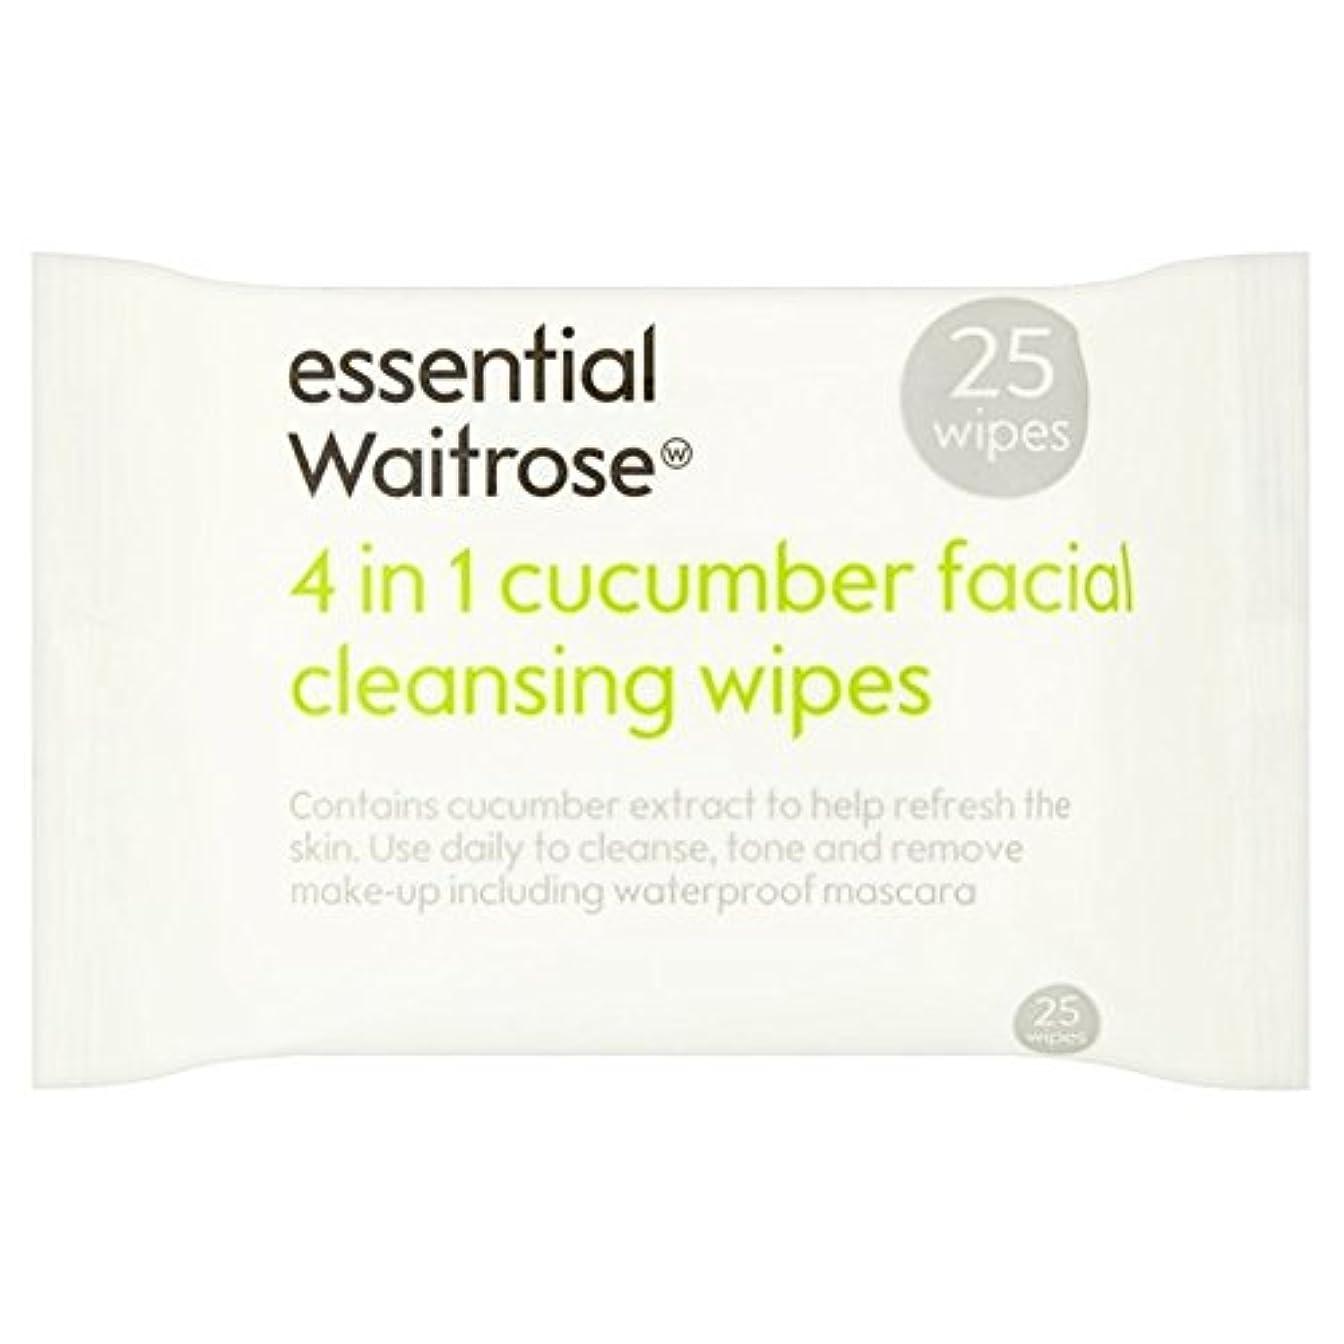 スペア警告する状態キュウリ顔のワイプパックあたり不可欠ウェイトローズ25 x2 - Cucumber Facial Wipes essential Waitrose 25 per pack (Pack of 2) [並行輸入品]